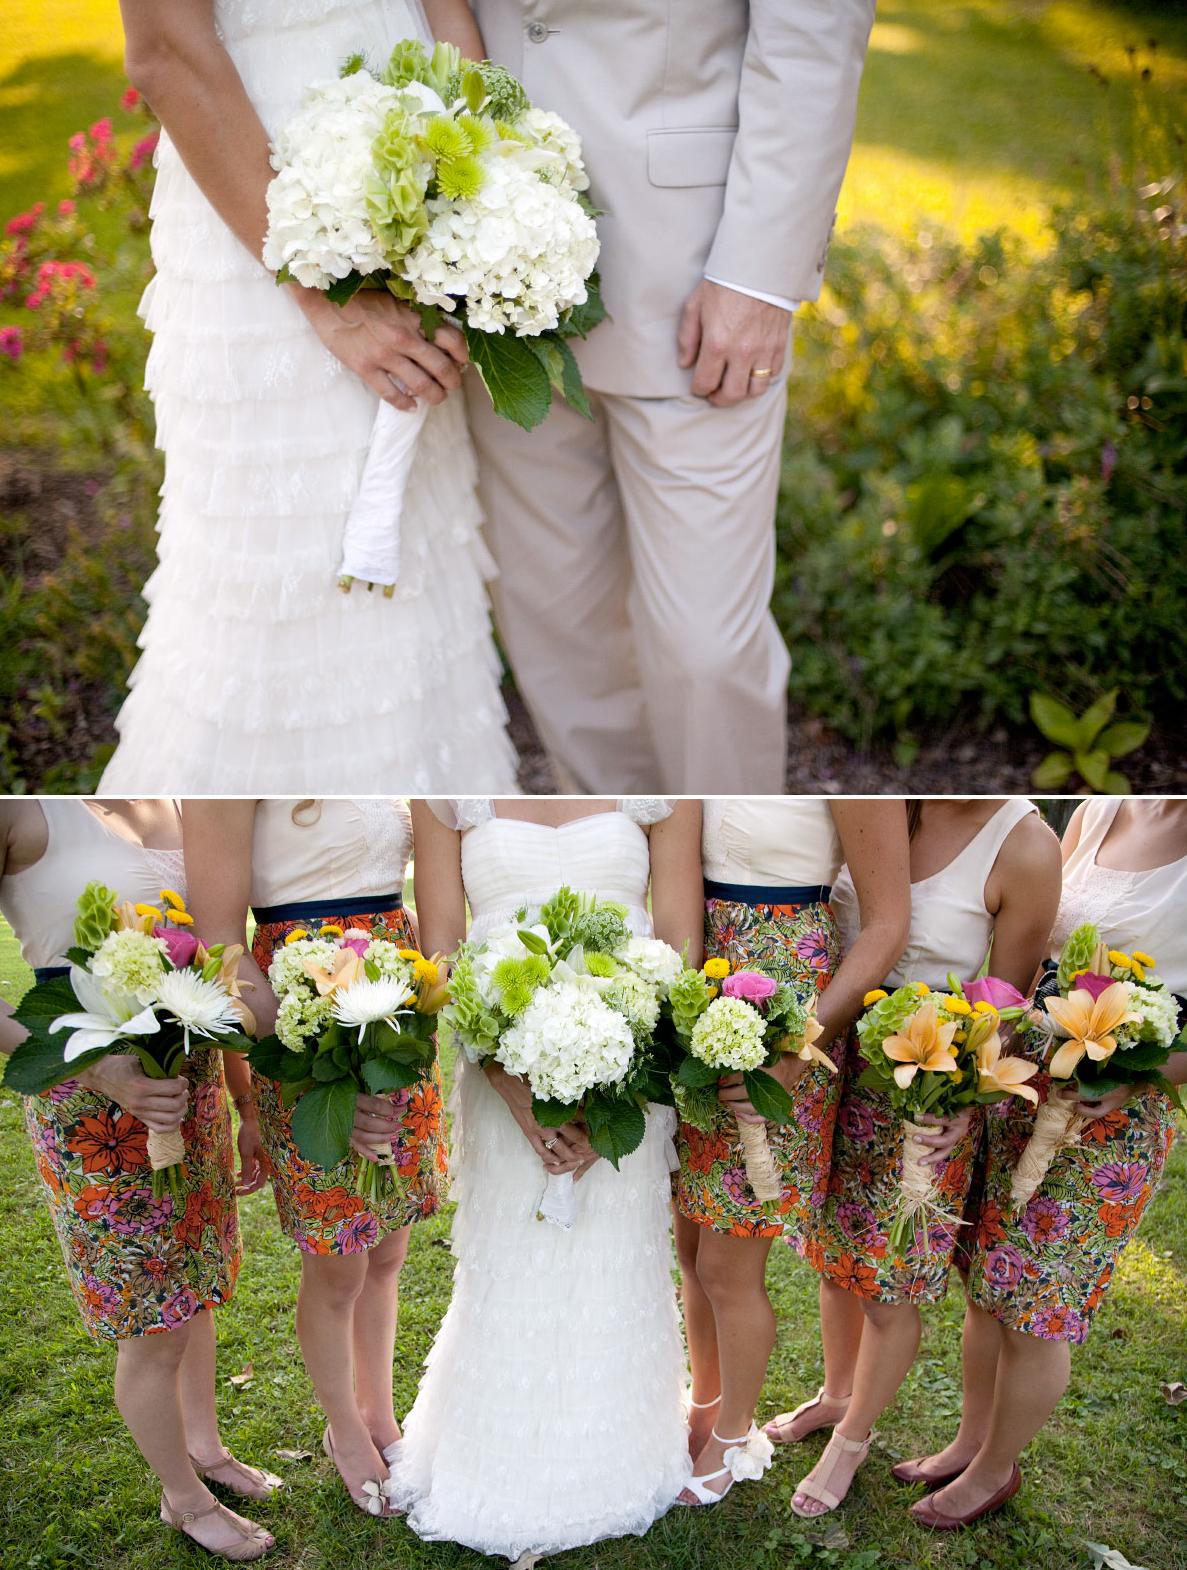 Boho Chic Backyard Wedding : artisticweddingphotographyoutdoorvenuewhiteweddingdress